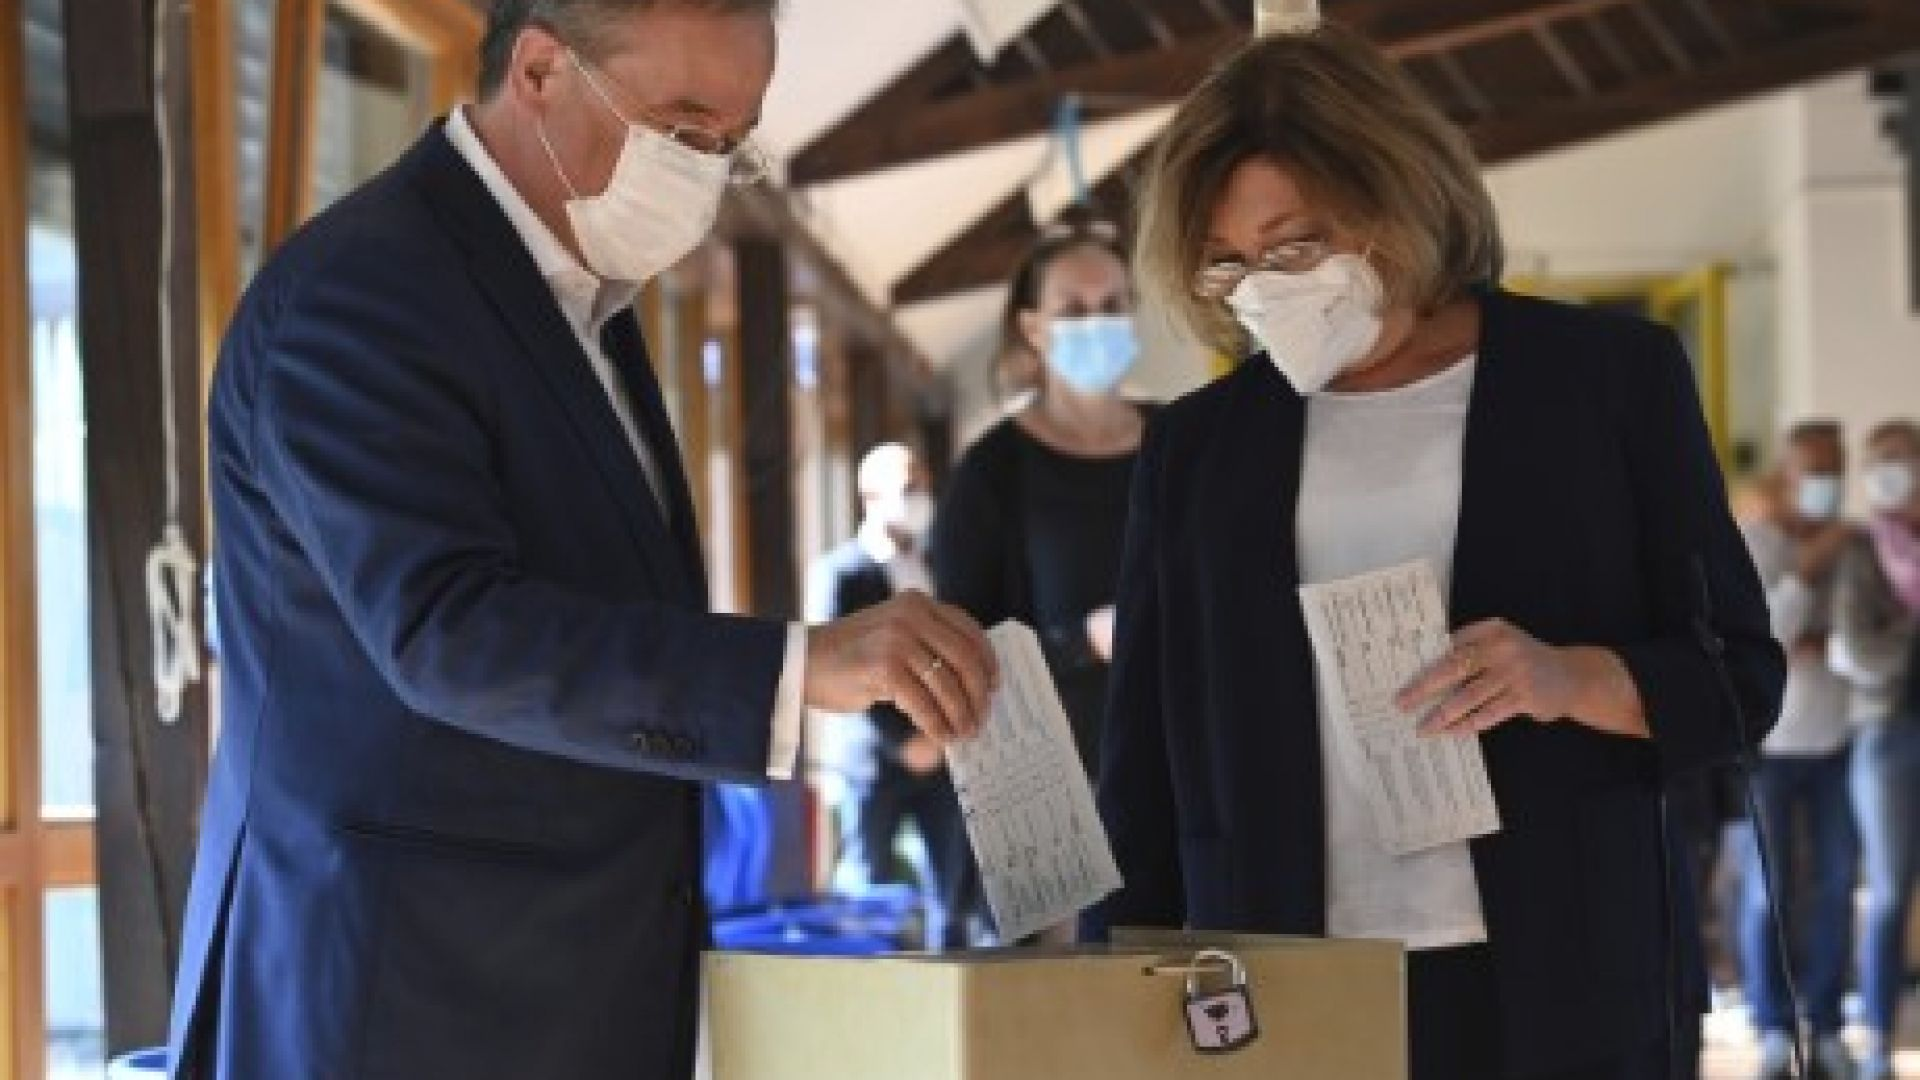 Армин Лашет направи гаф, докато гласуваше, и беше осмян в социалните мрежи